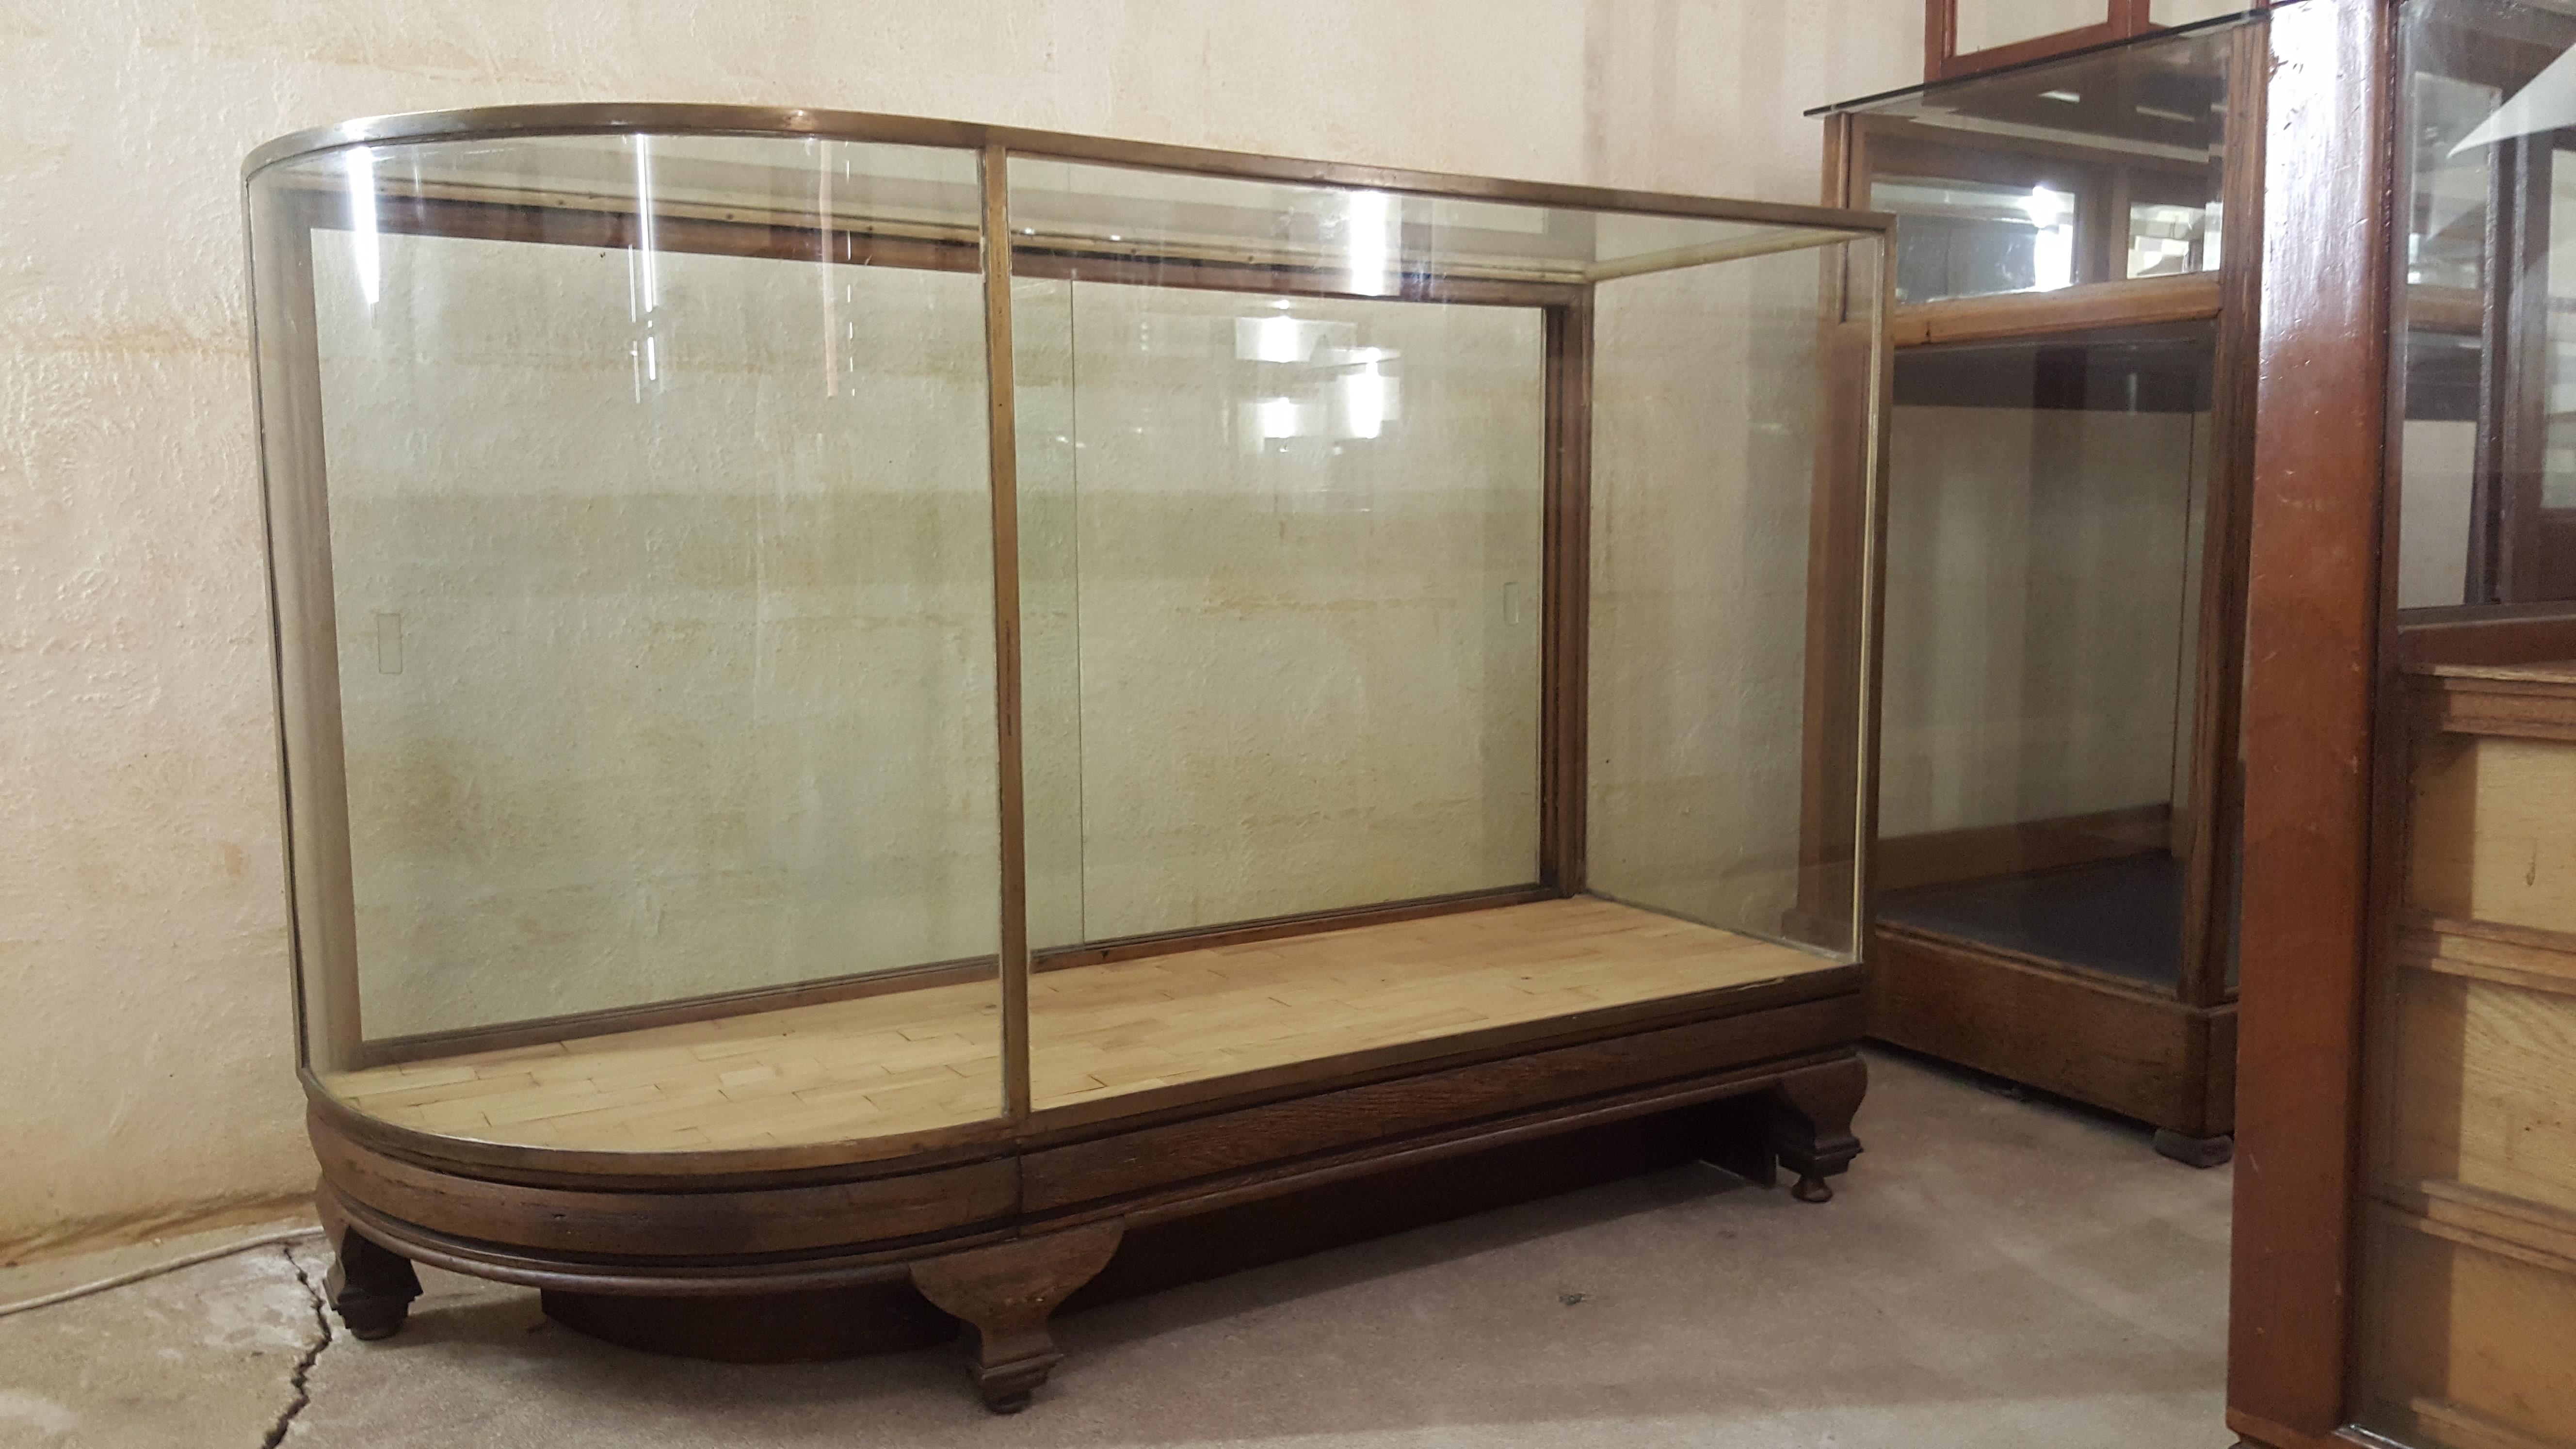 Vitrinekast Voor Op Toonbank.Antieke Vitrinekast Gebogen Glas 27102 Bordighera